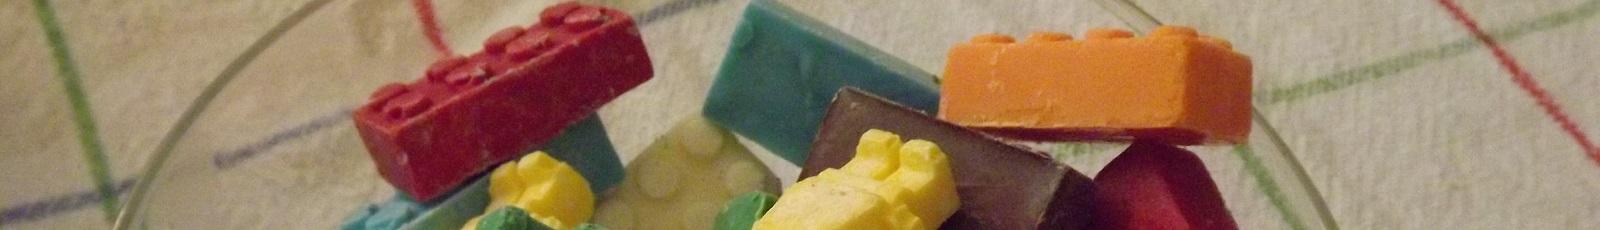 Candy Lego Shapes